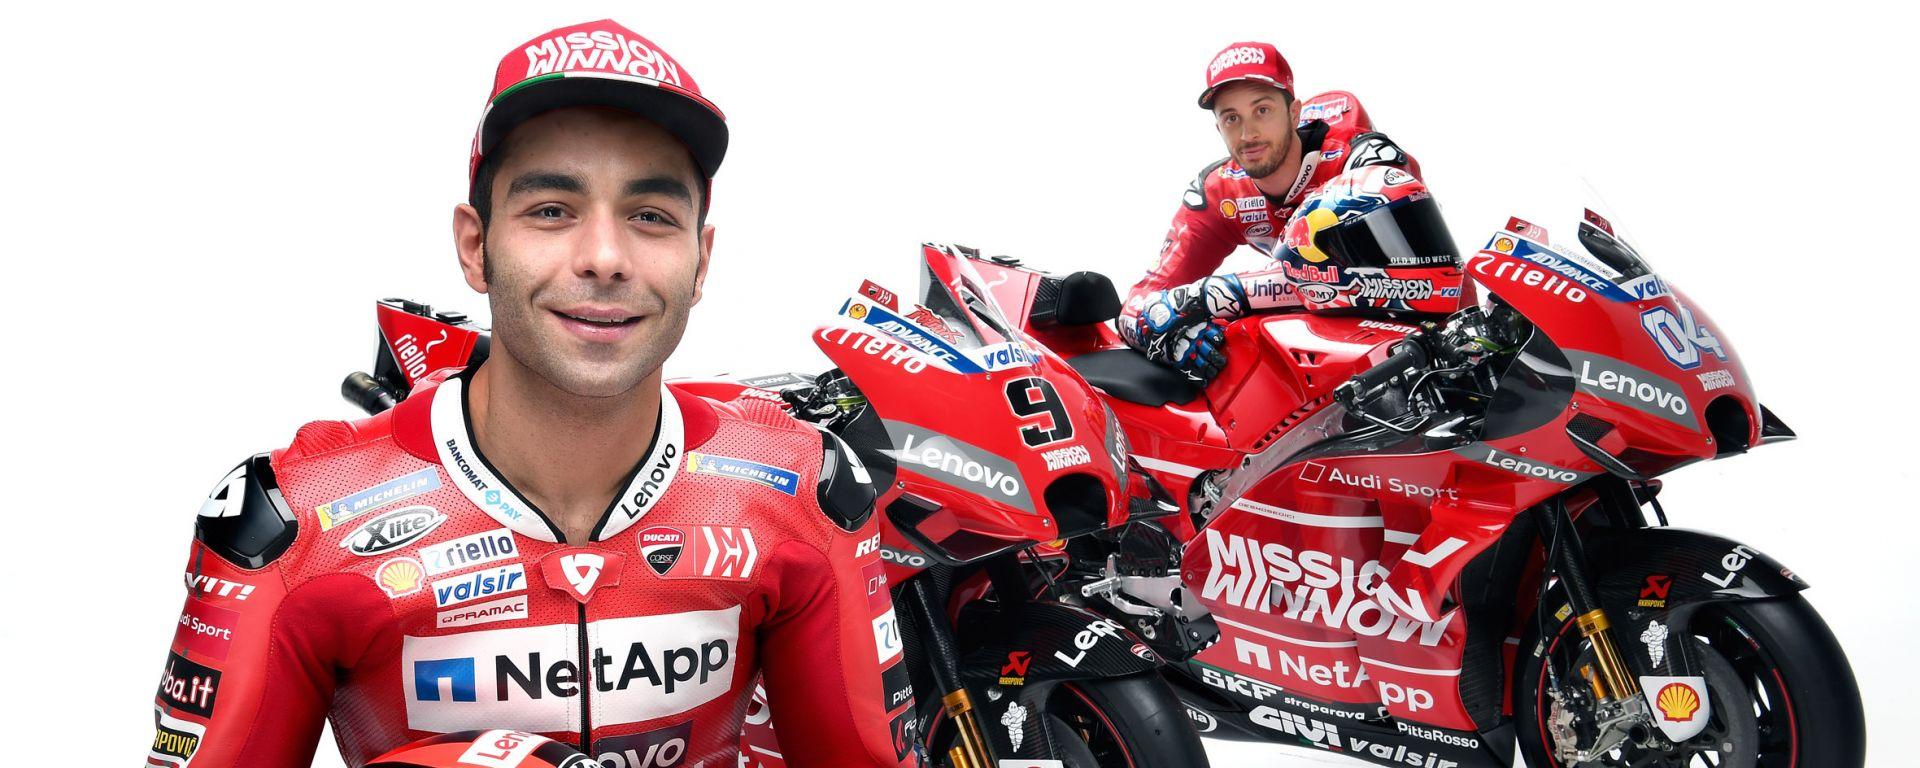 """MotoGP 2019, Dovi scommette su Petrucci: """"Che potenziale!"""""""